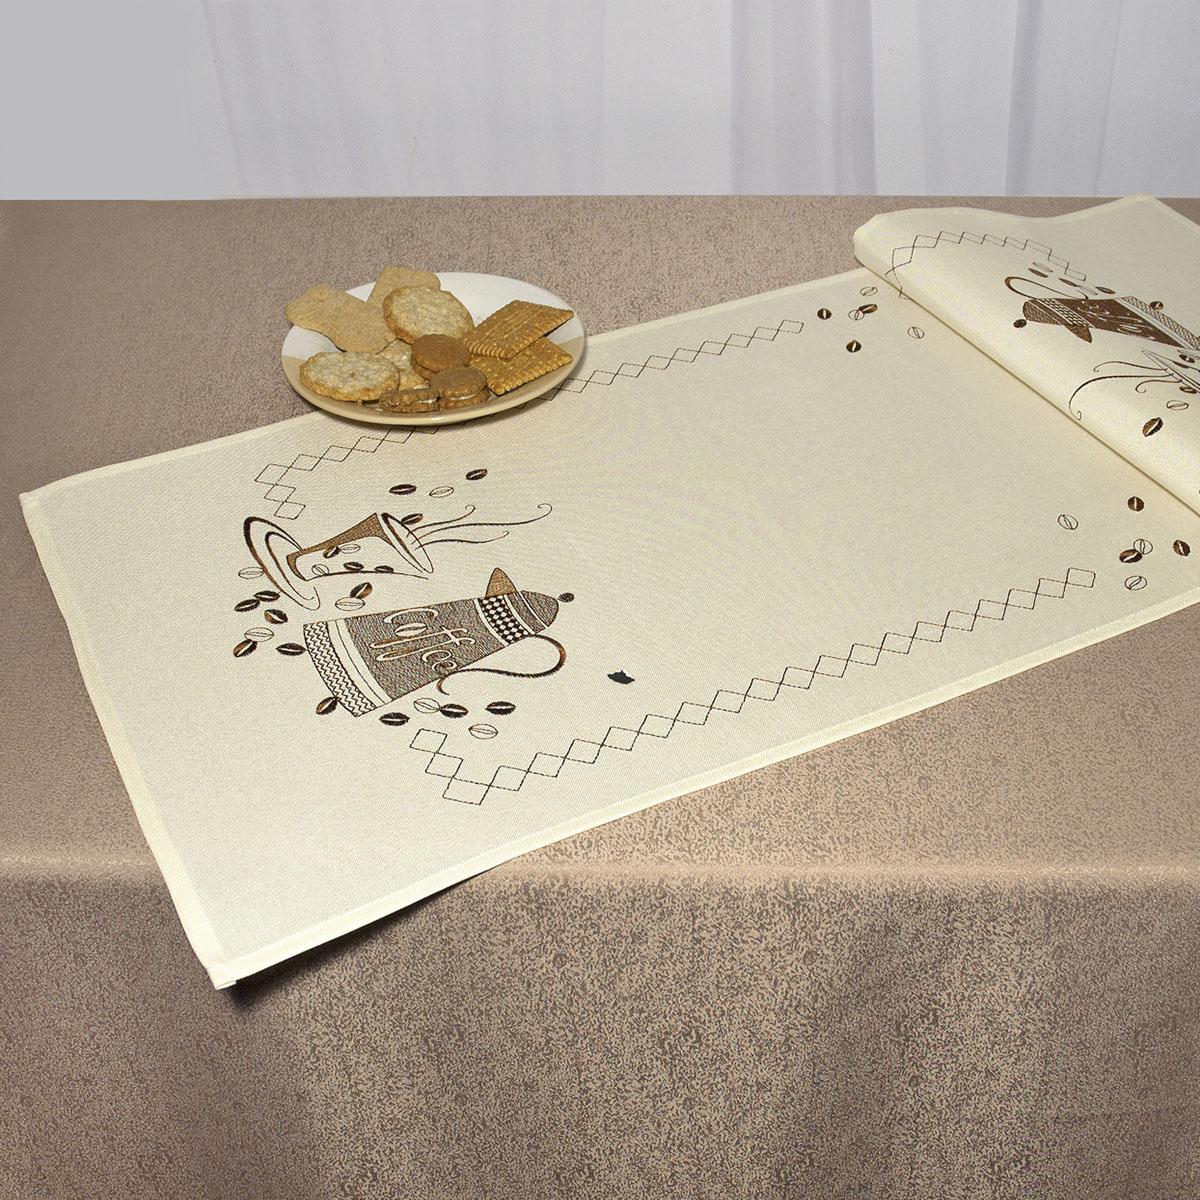 Дорожка для декорирования стола Schaefer, прямоугольная, цвет: кремовый, коричневый, 40 x 110 см 07479-23307479-233Дорожка Schaefer выполнена из высококачественного полиэстера и украшена вышитым рисунком. Вы можете использовать дорожку для декорирования стола, комода или журнального столика. Благодаря такой дорожке вы защитите поверхность мебели от воды, пятен и механических воздействий, а также создадите атмосферу уюта и домашнего тепла в интерьере вашей квартиры. Изделия из искусственных волокон легко стирать: они не мнутся, не садятся и быстро сохнут, они более долговечны, чем изделия из натуральных волокон. Изысканный текстиль от немецкой компании Schaefer - это красота, стиль и уют в вашем доме. Дорожка органично впишется в интерьер любого помещения, а оригинальный дизайн удовлетворит даже самый изысканный вкус. Дарите себе и близким красоту каждый день!